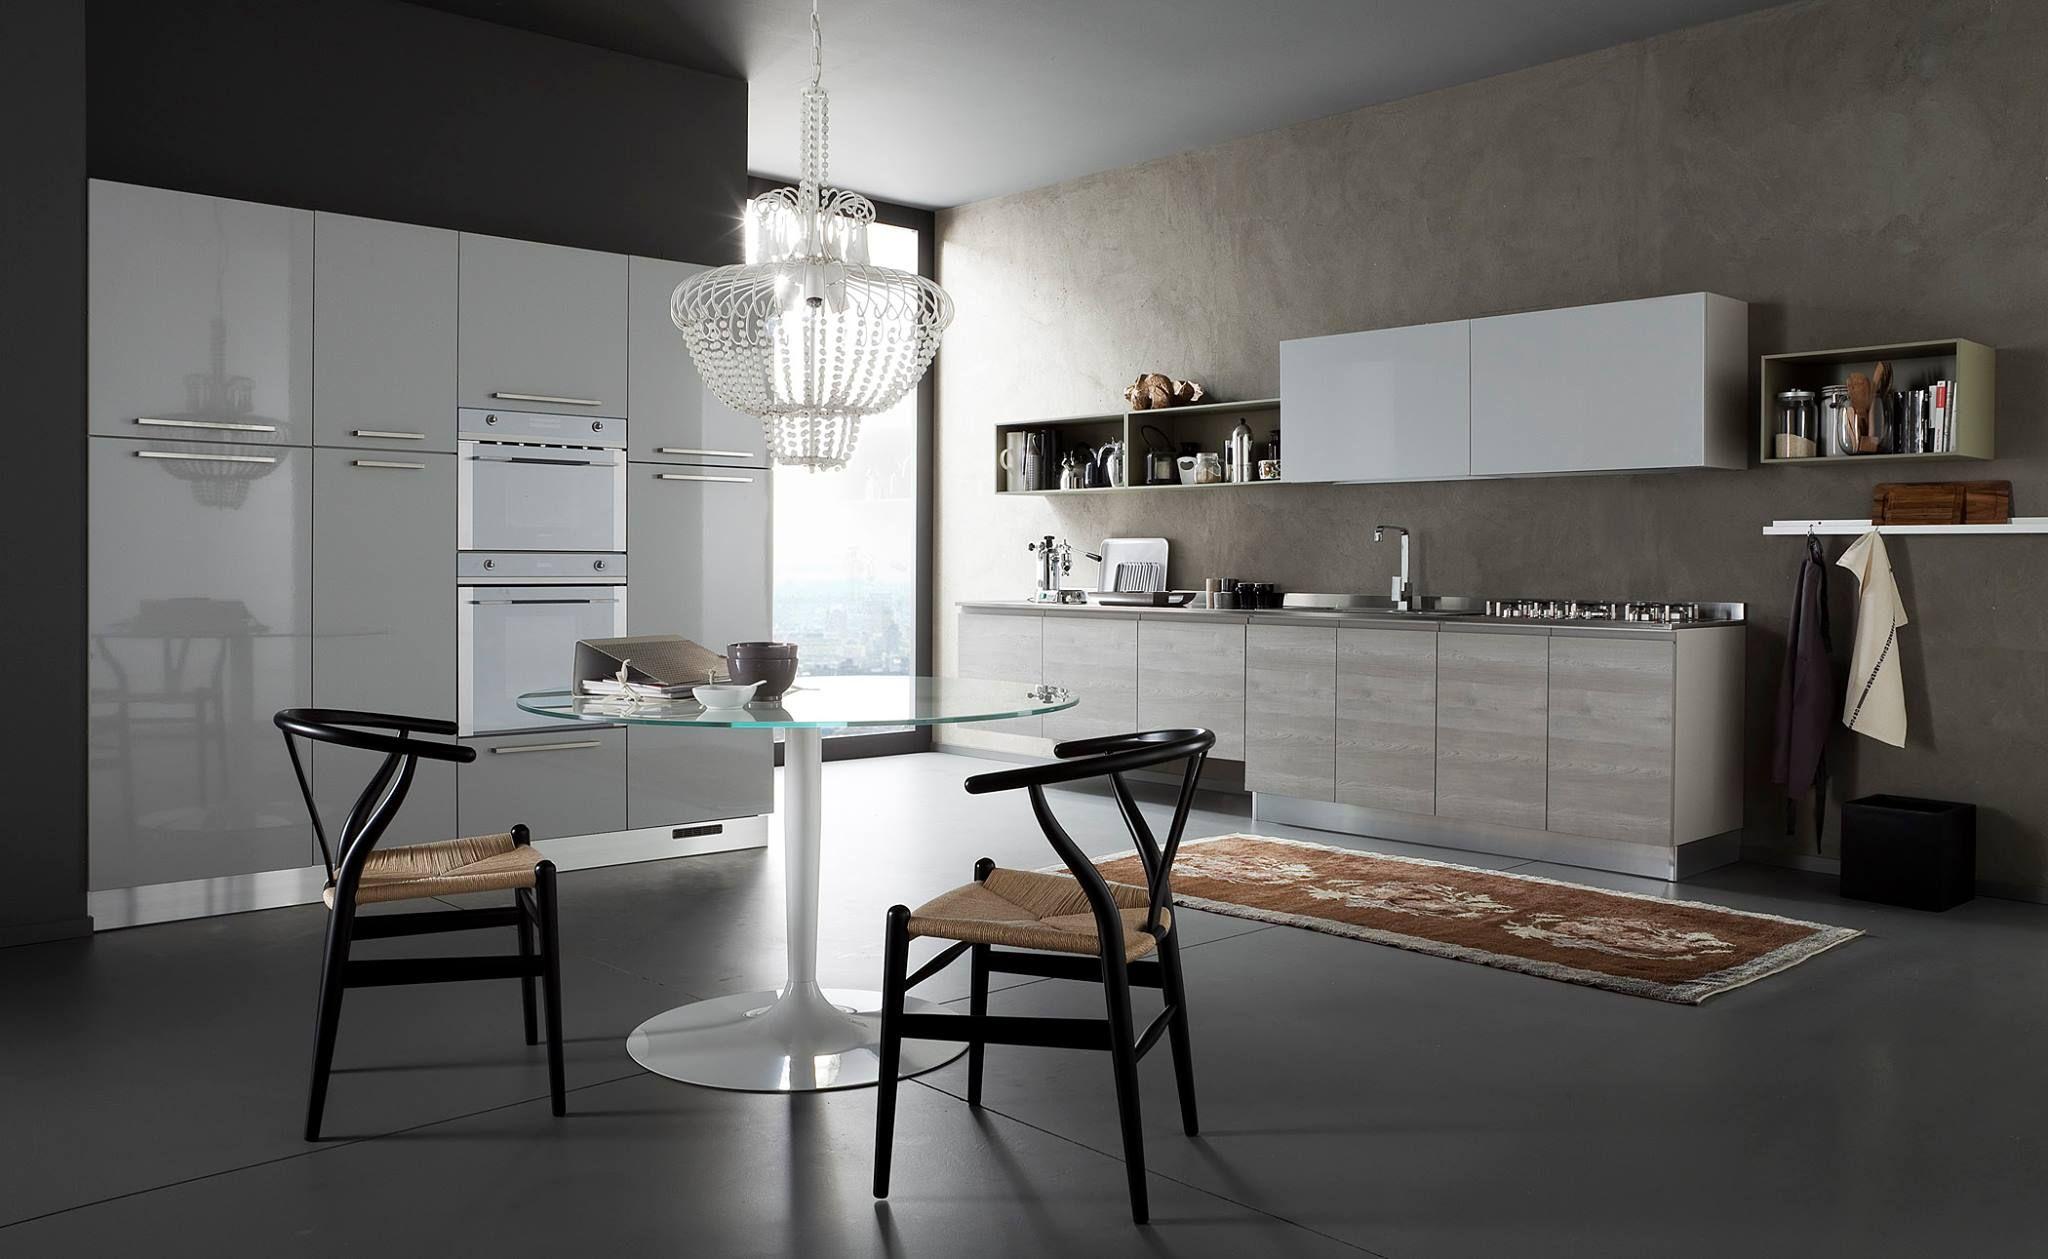 Meka arredamenti | Cucine Moderne di Arredamento | Cucine ...